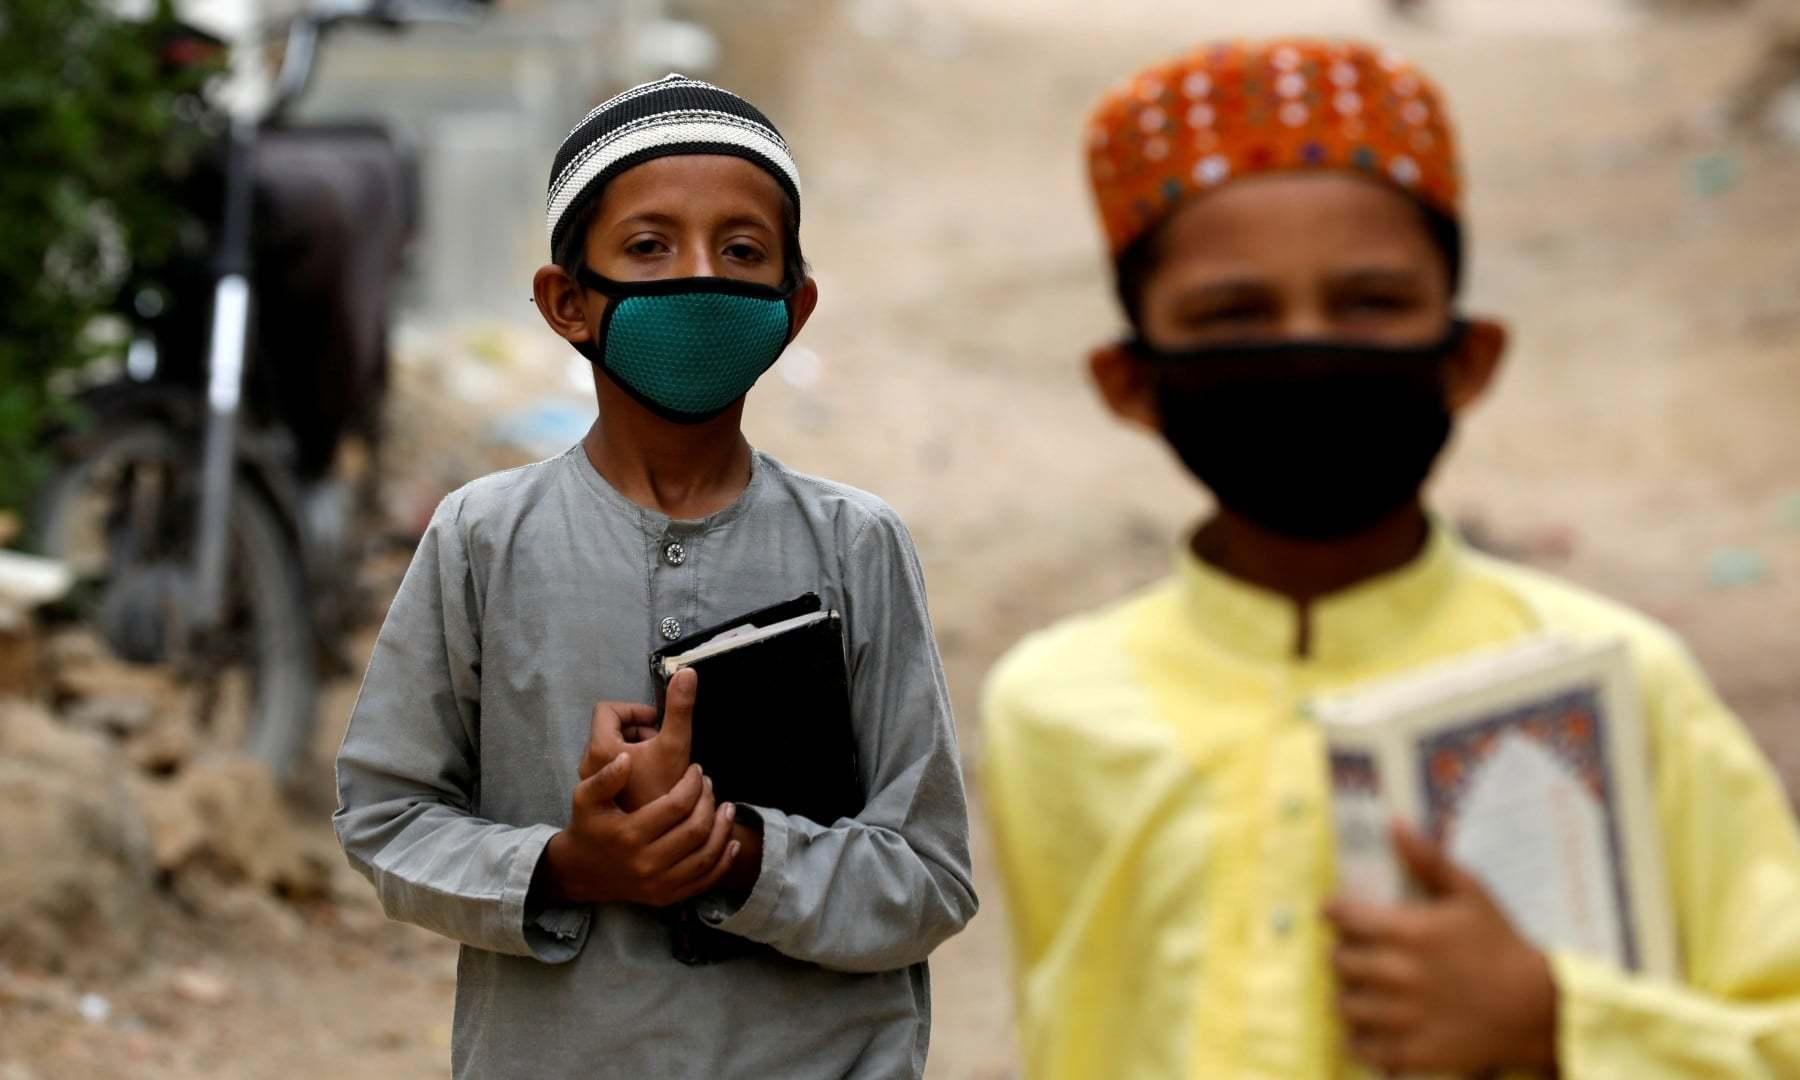 پاکستان اور افغانستان دنیا میں دو ملک ہیں جہاں پولیو پایا جاتا ہے — فوٹو:رائٹرز